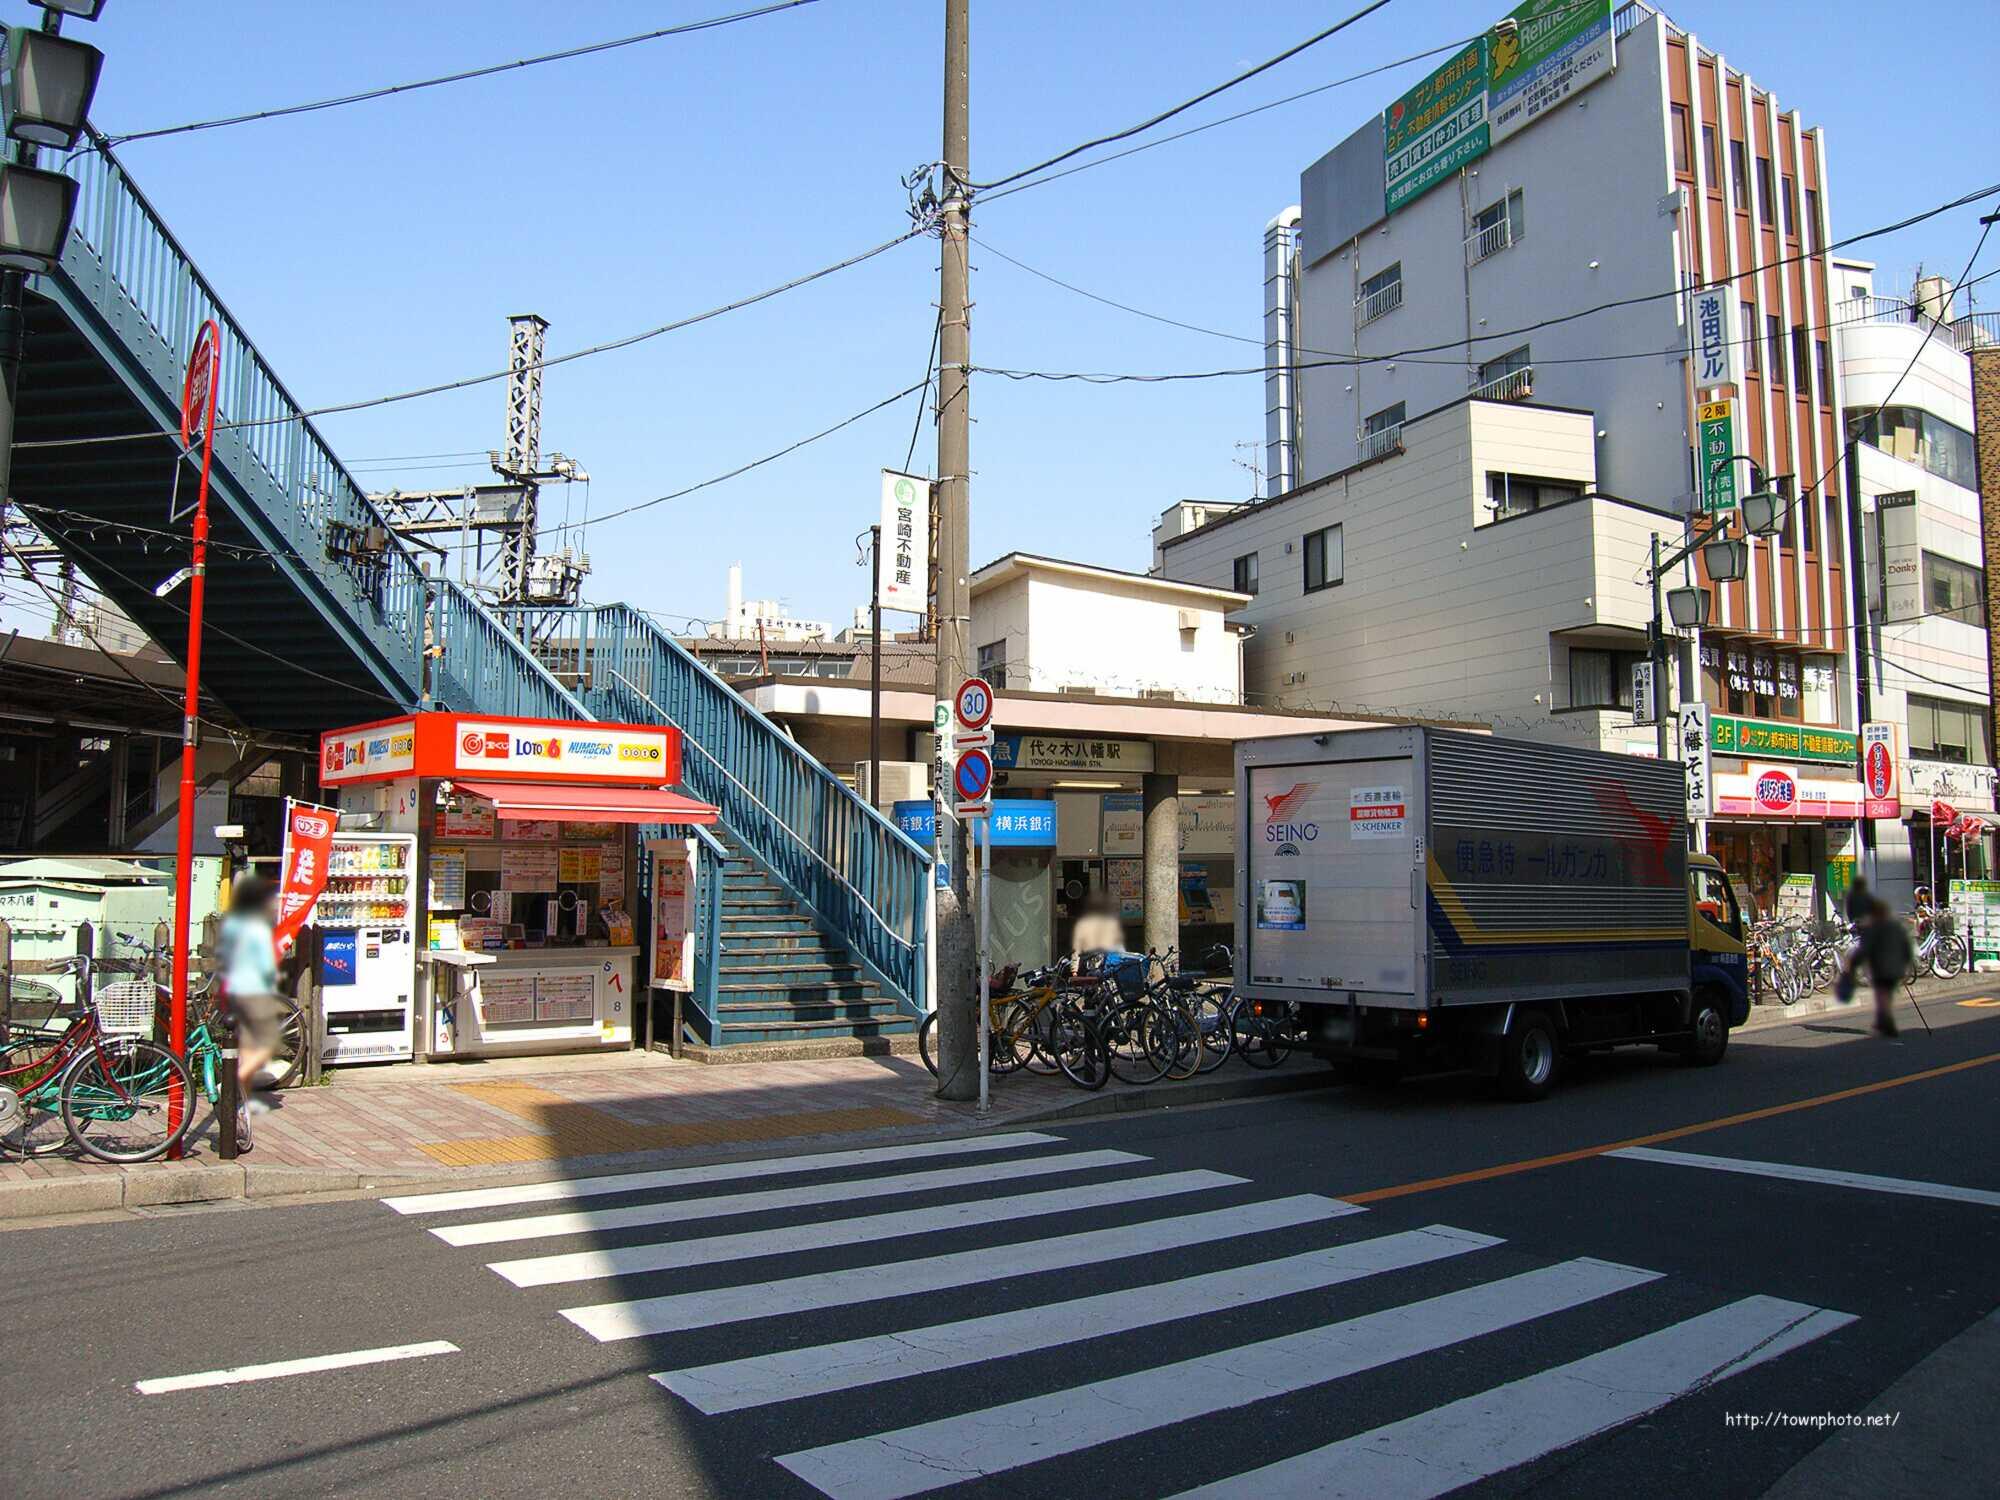 新宿から本八幡〔新宿線〕までの乗換案内 - …